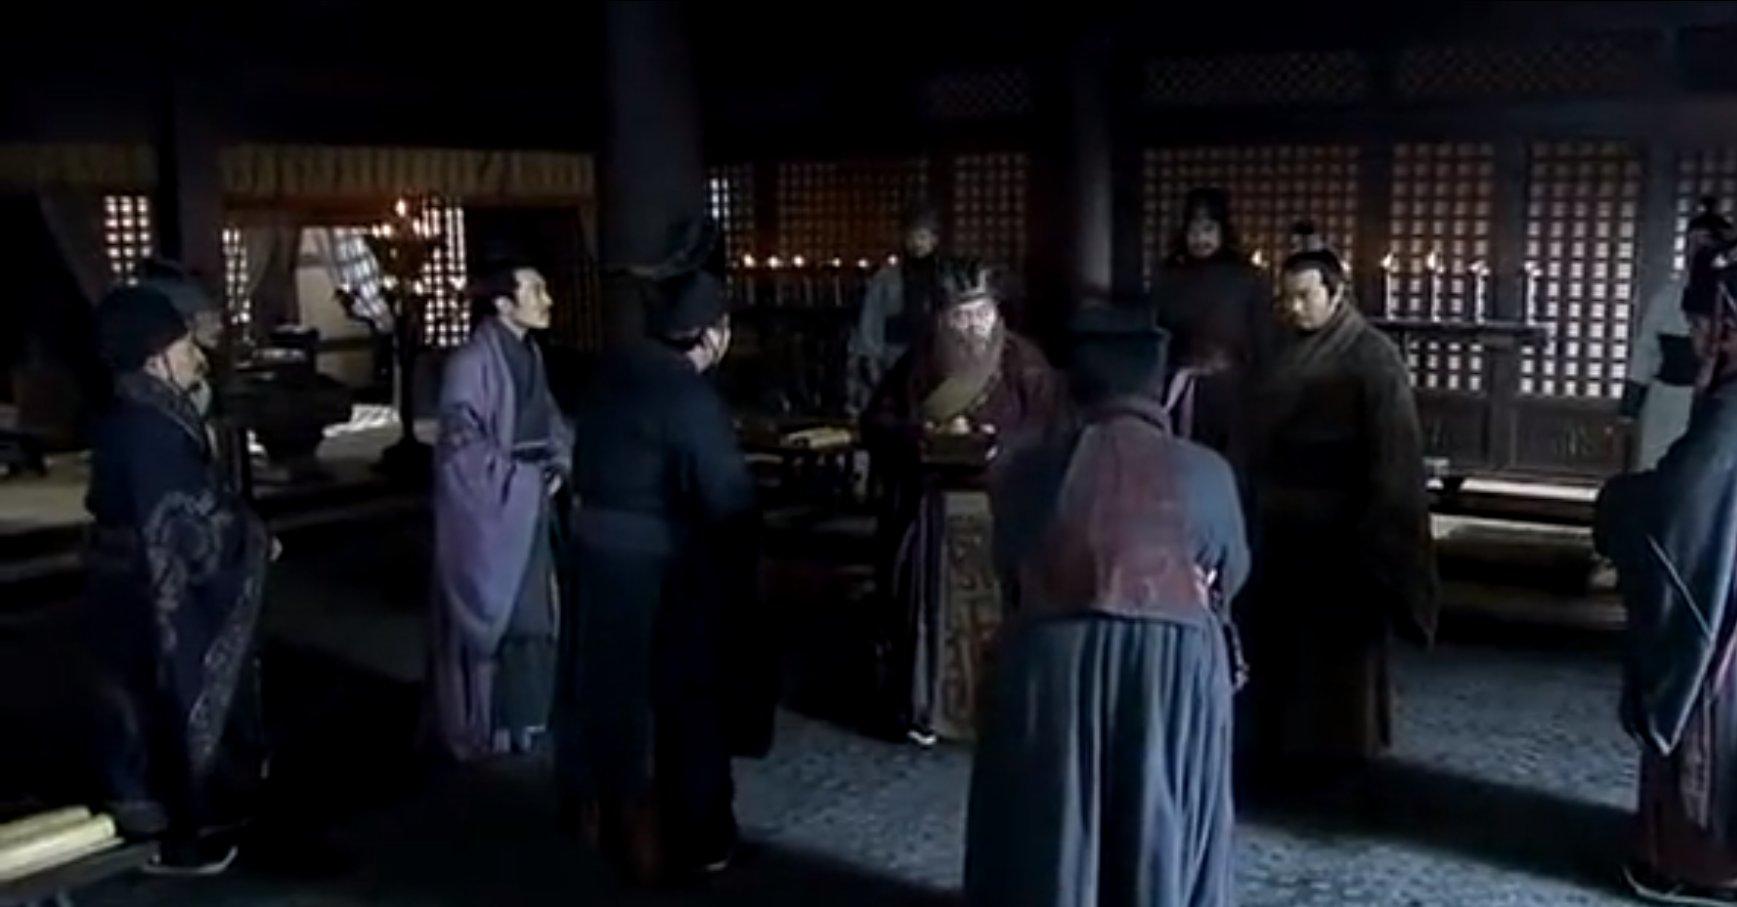 刘备三辞徐州  表面虽推辞但却获取了仁义忠厚之名